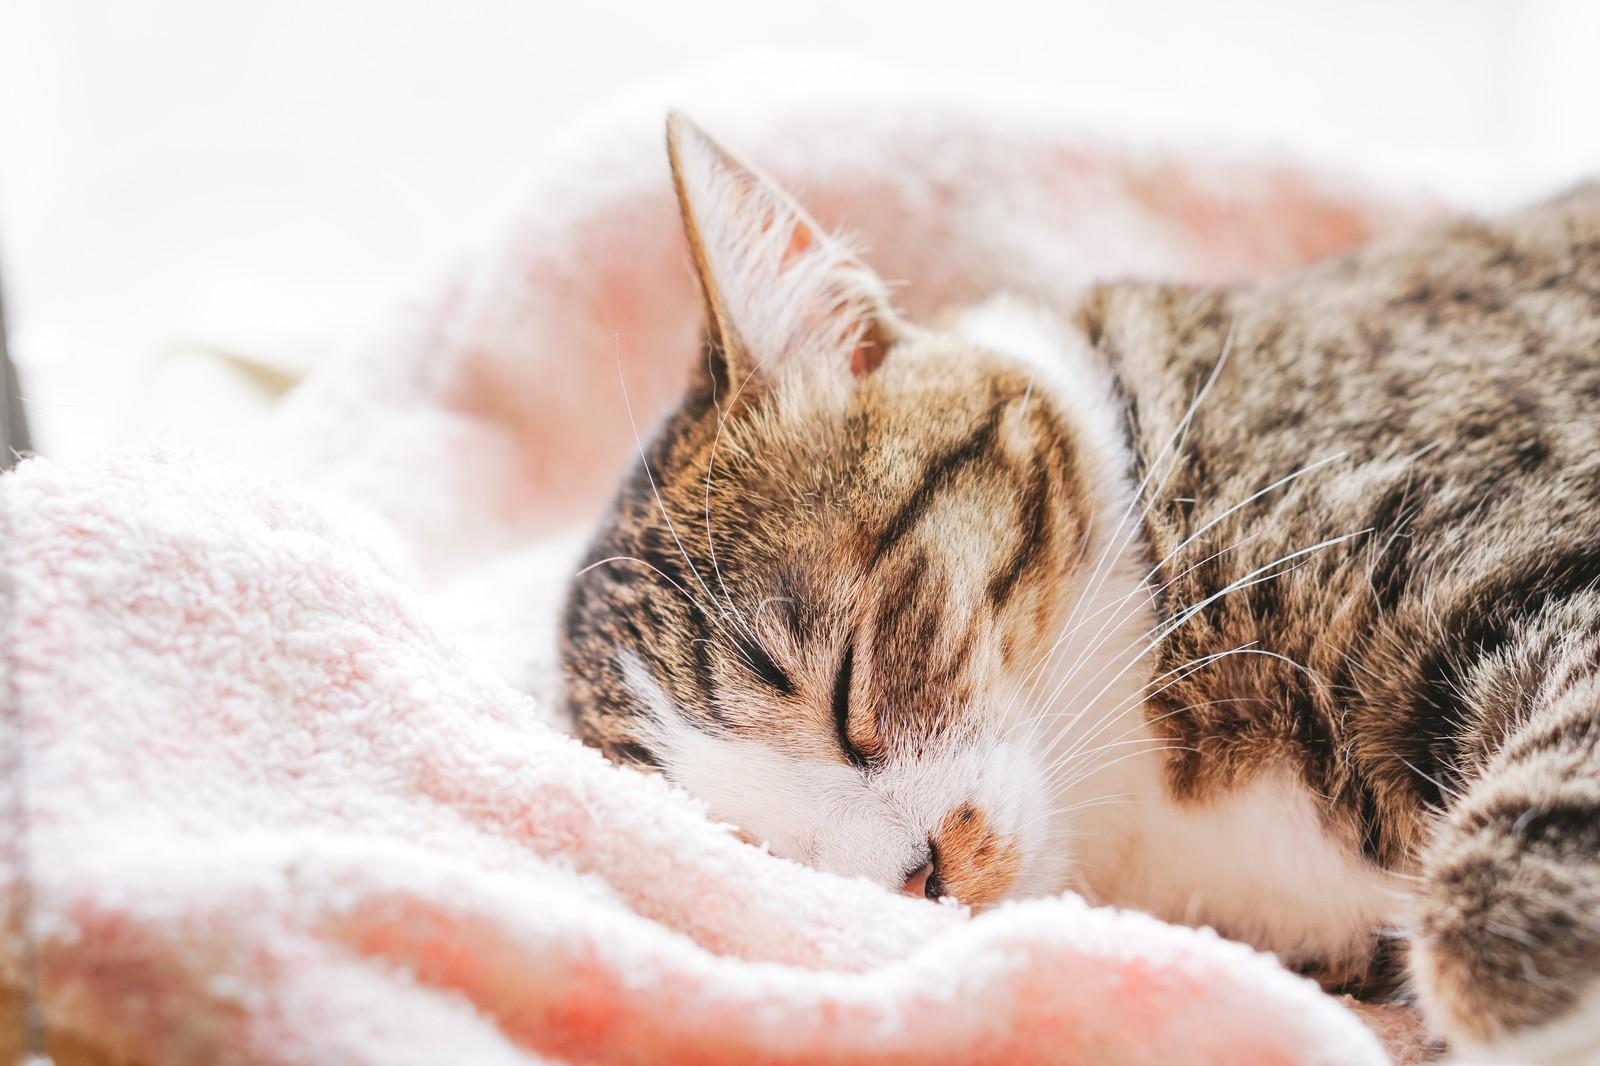 災害時、愛猫を守る為の備え